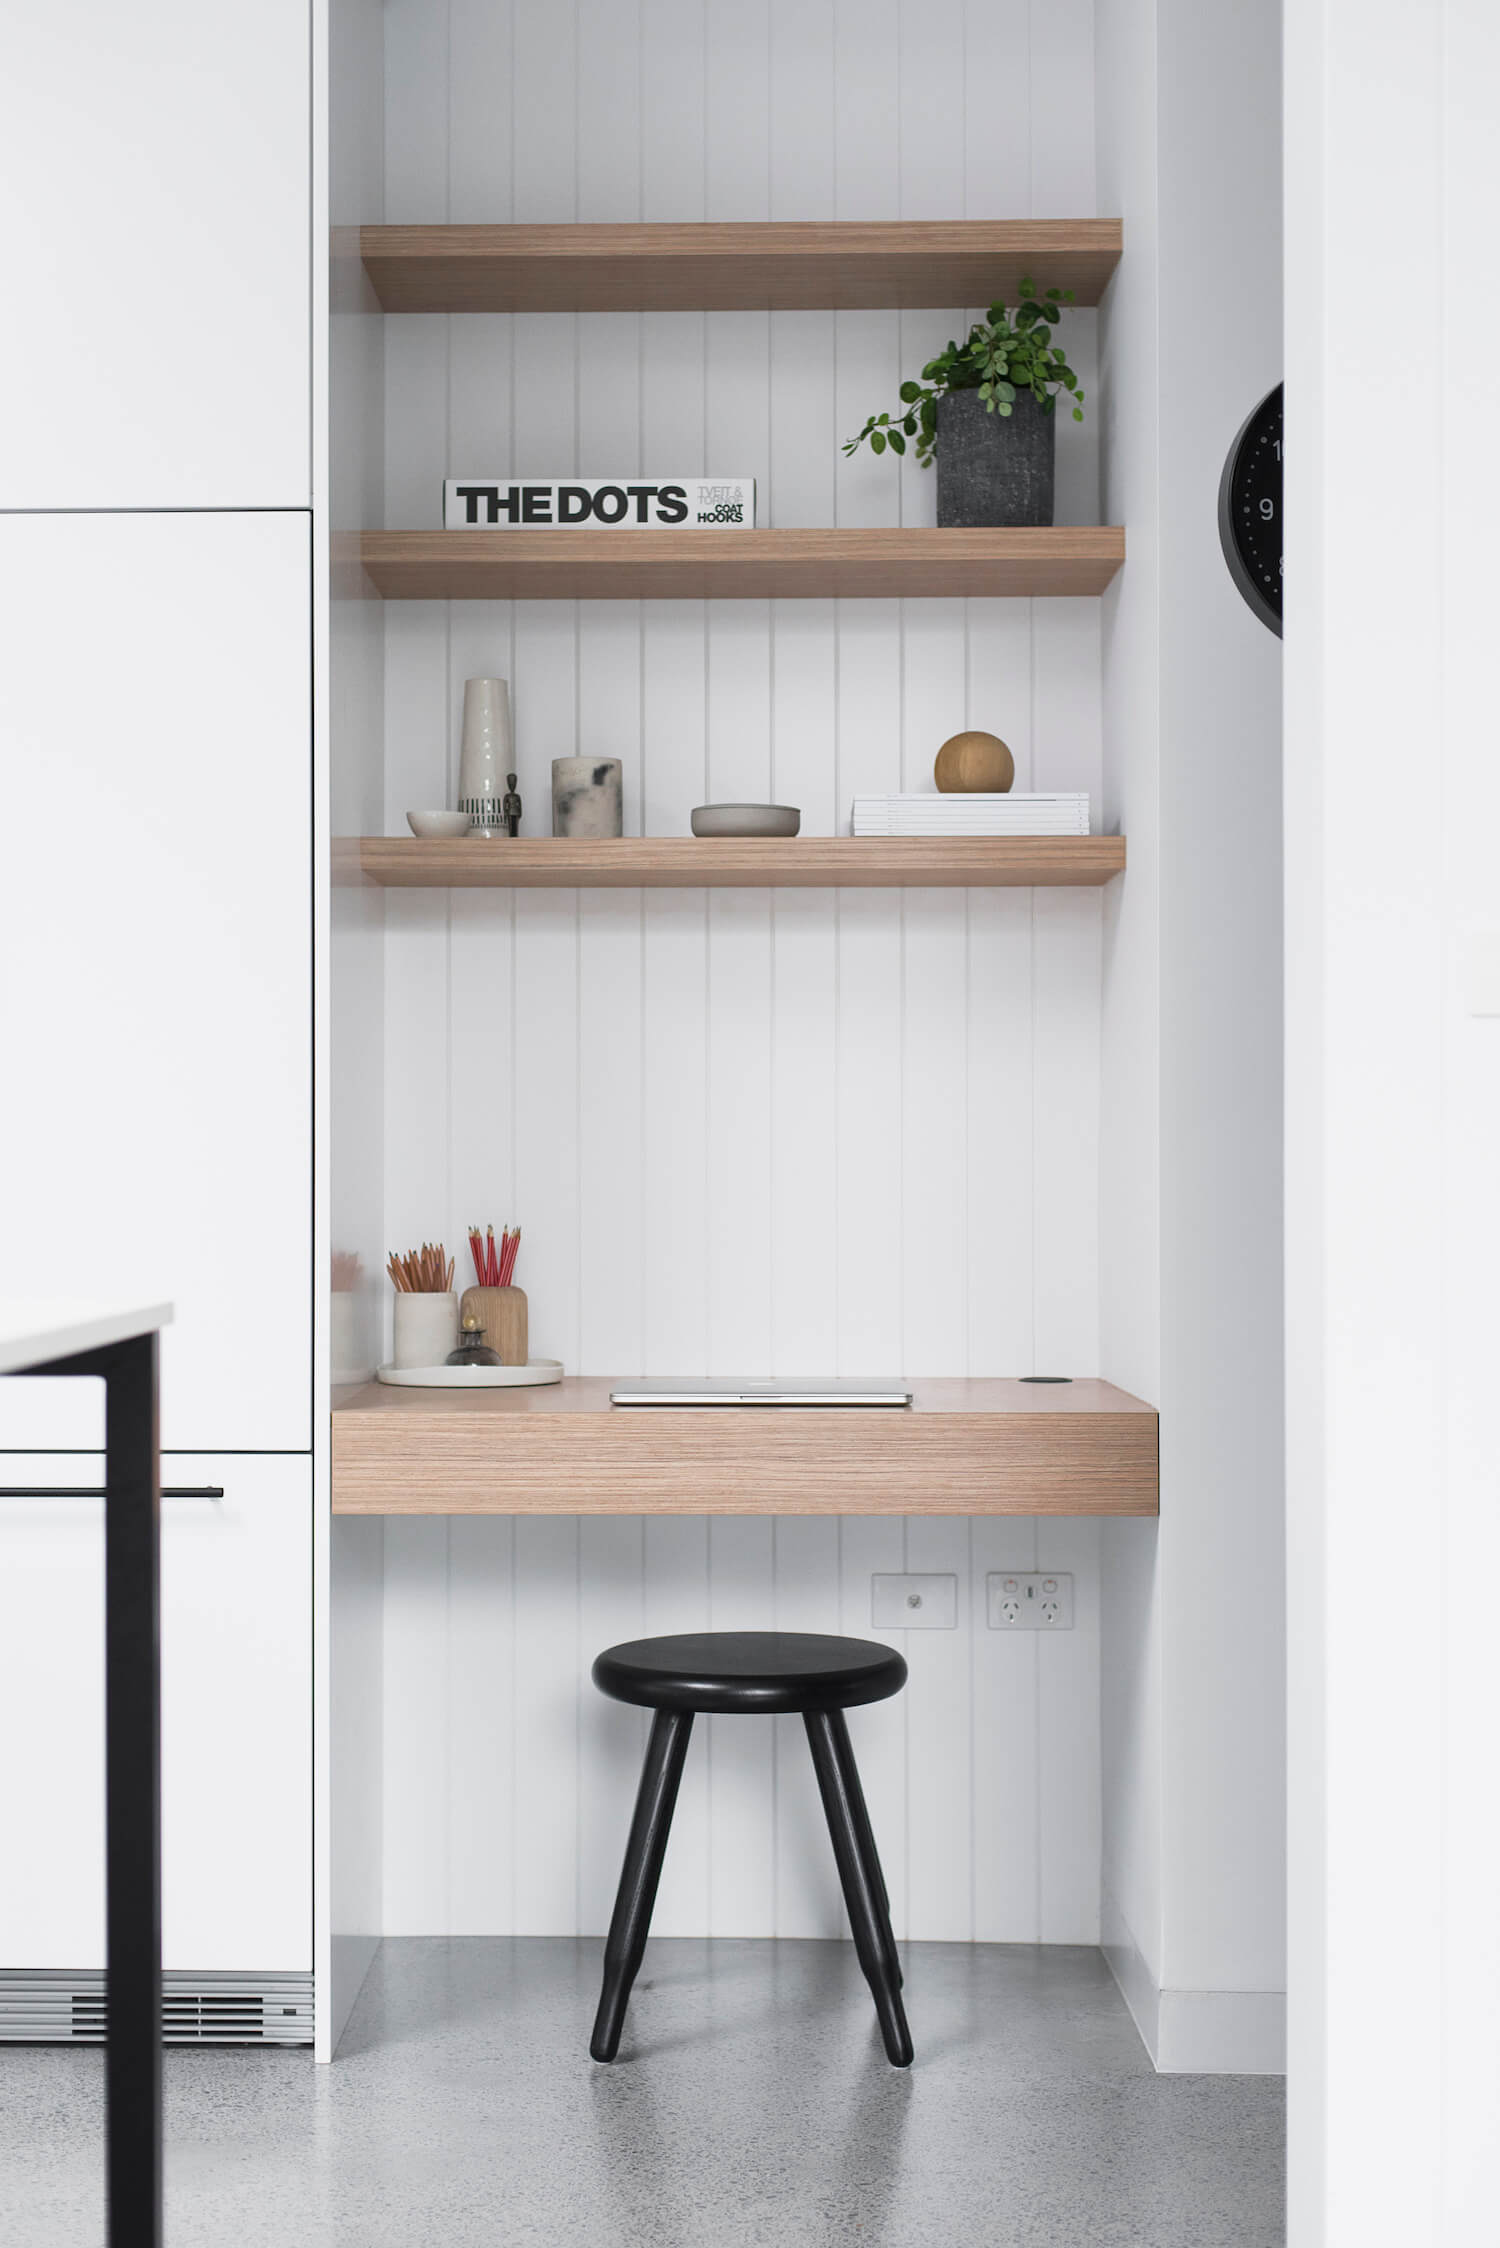 Interior design   Clare Le Roy, The Little Design Corner